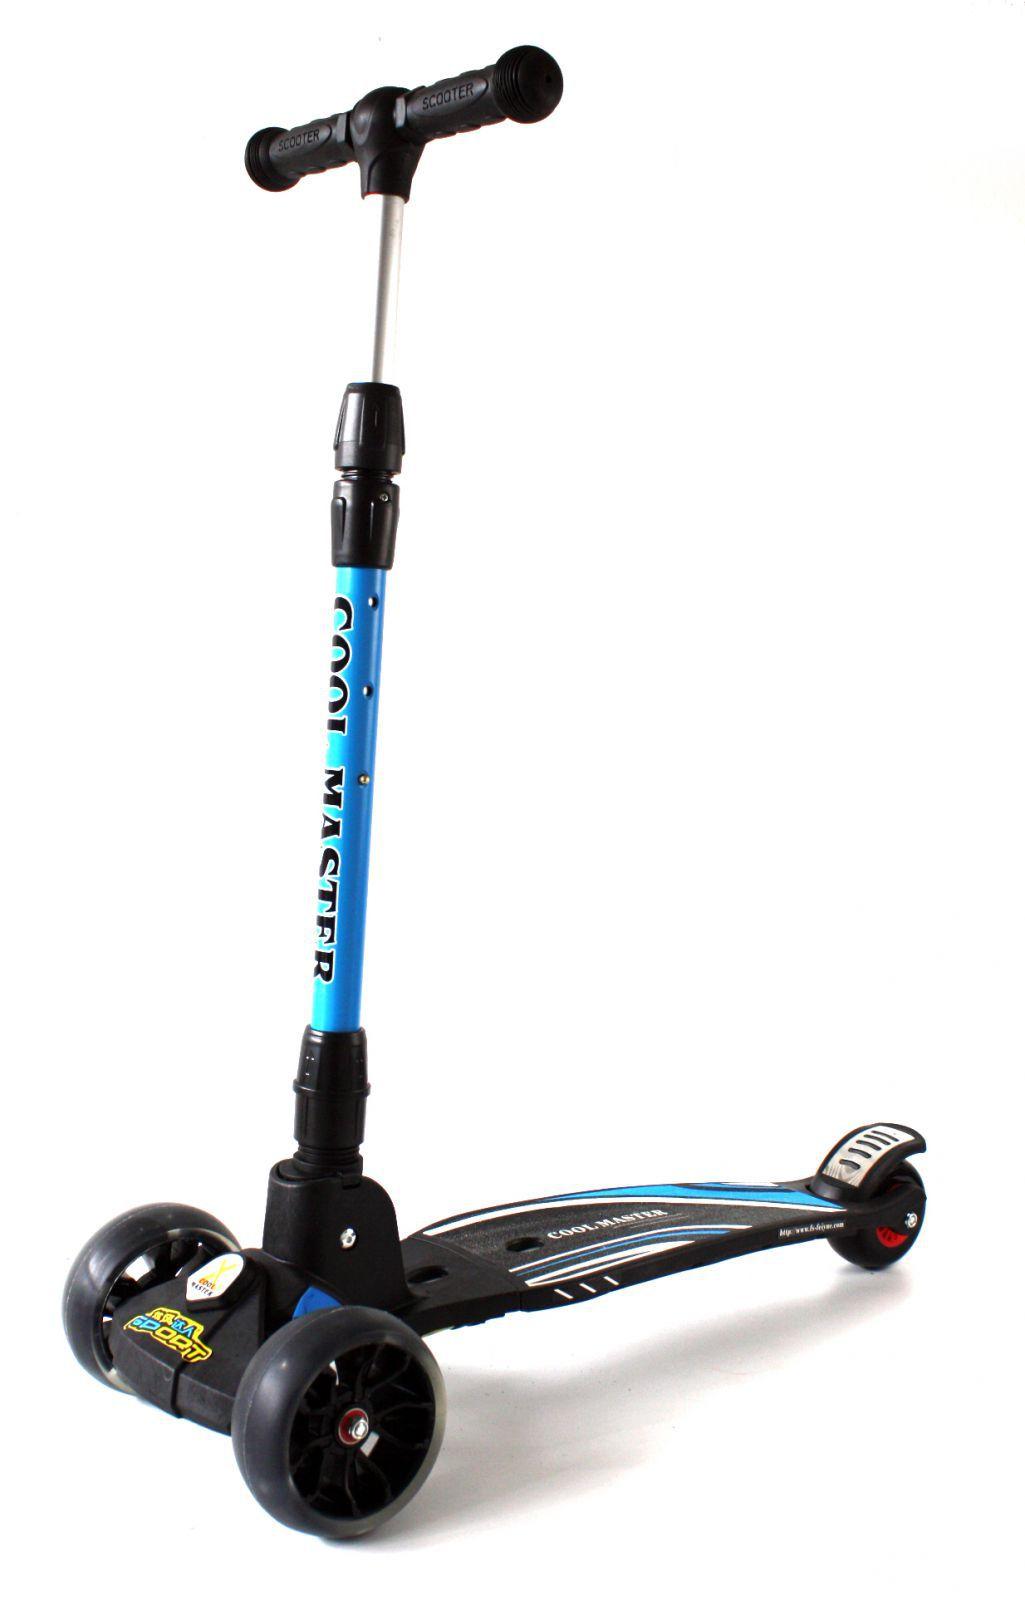 Luxusní dětské odrážedlo se světélkujícími koly, nastavitelnými řídítky a odolnou brzdou modré